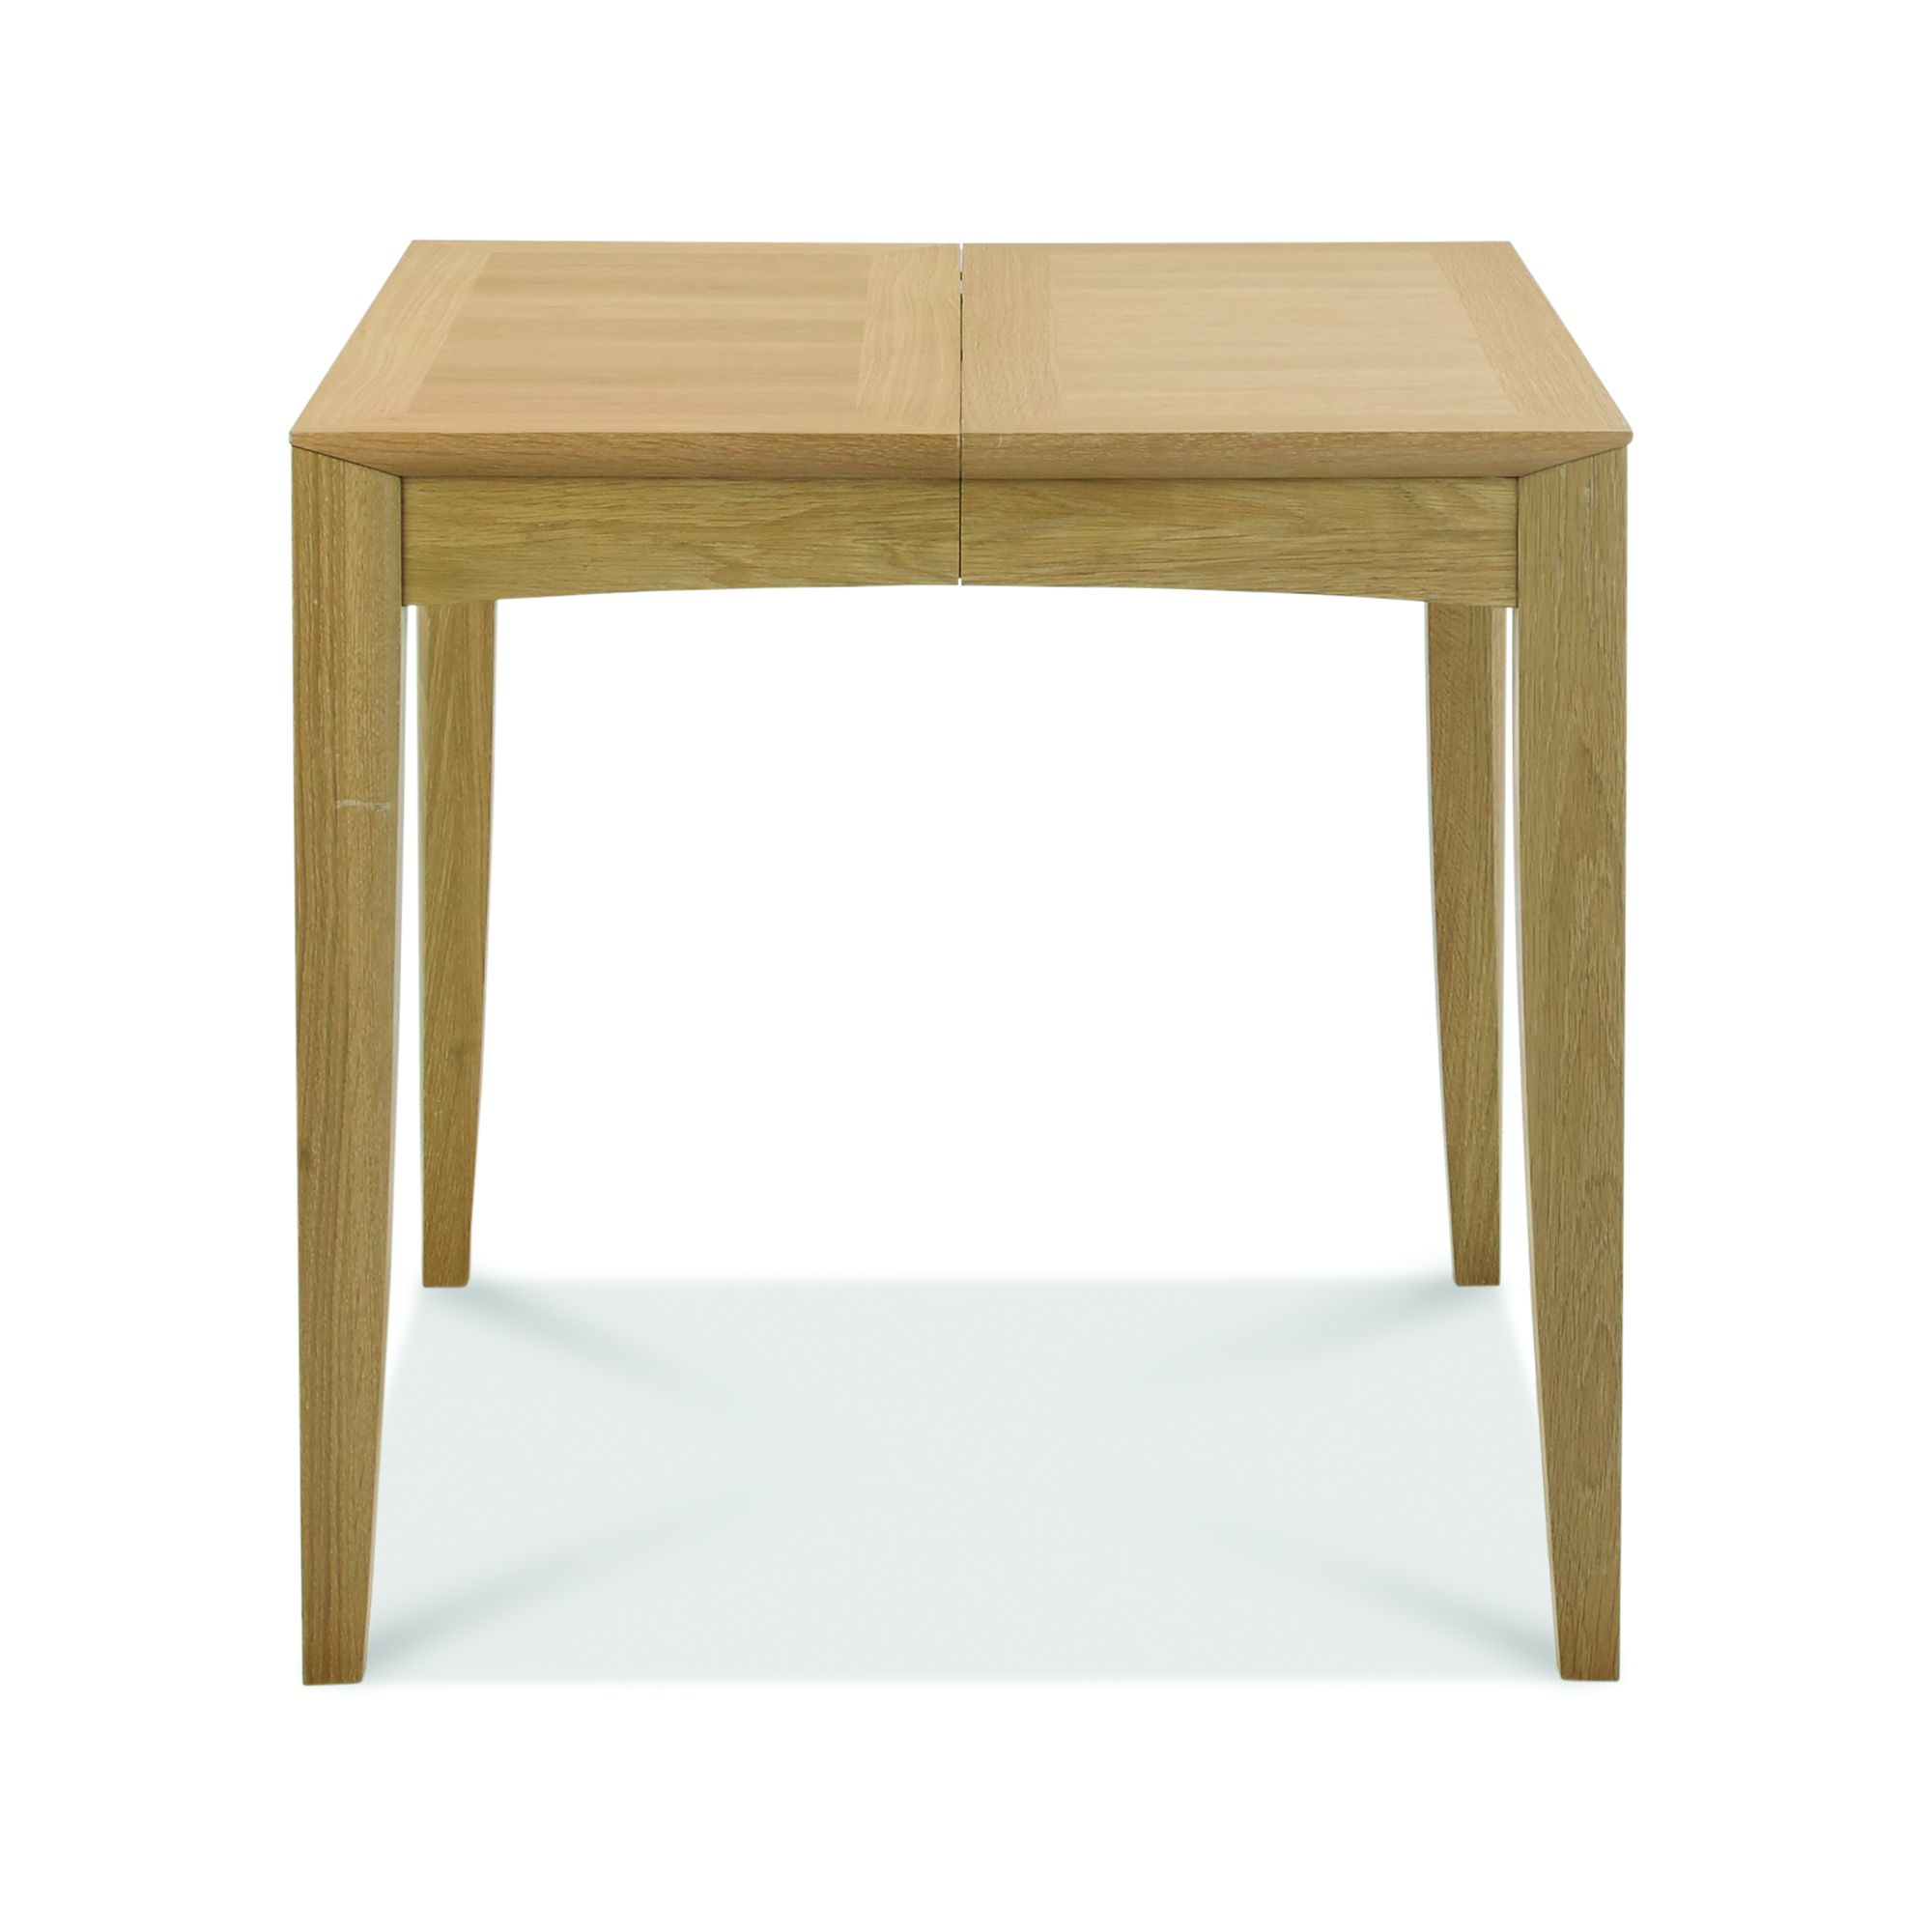 Oakley 2-4 Extending Table